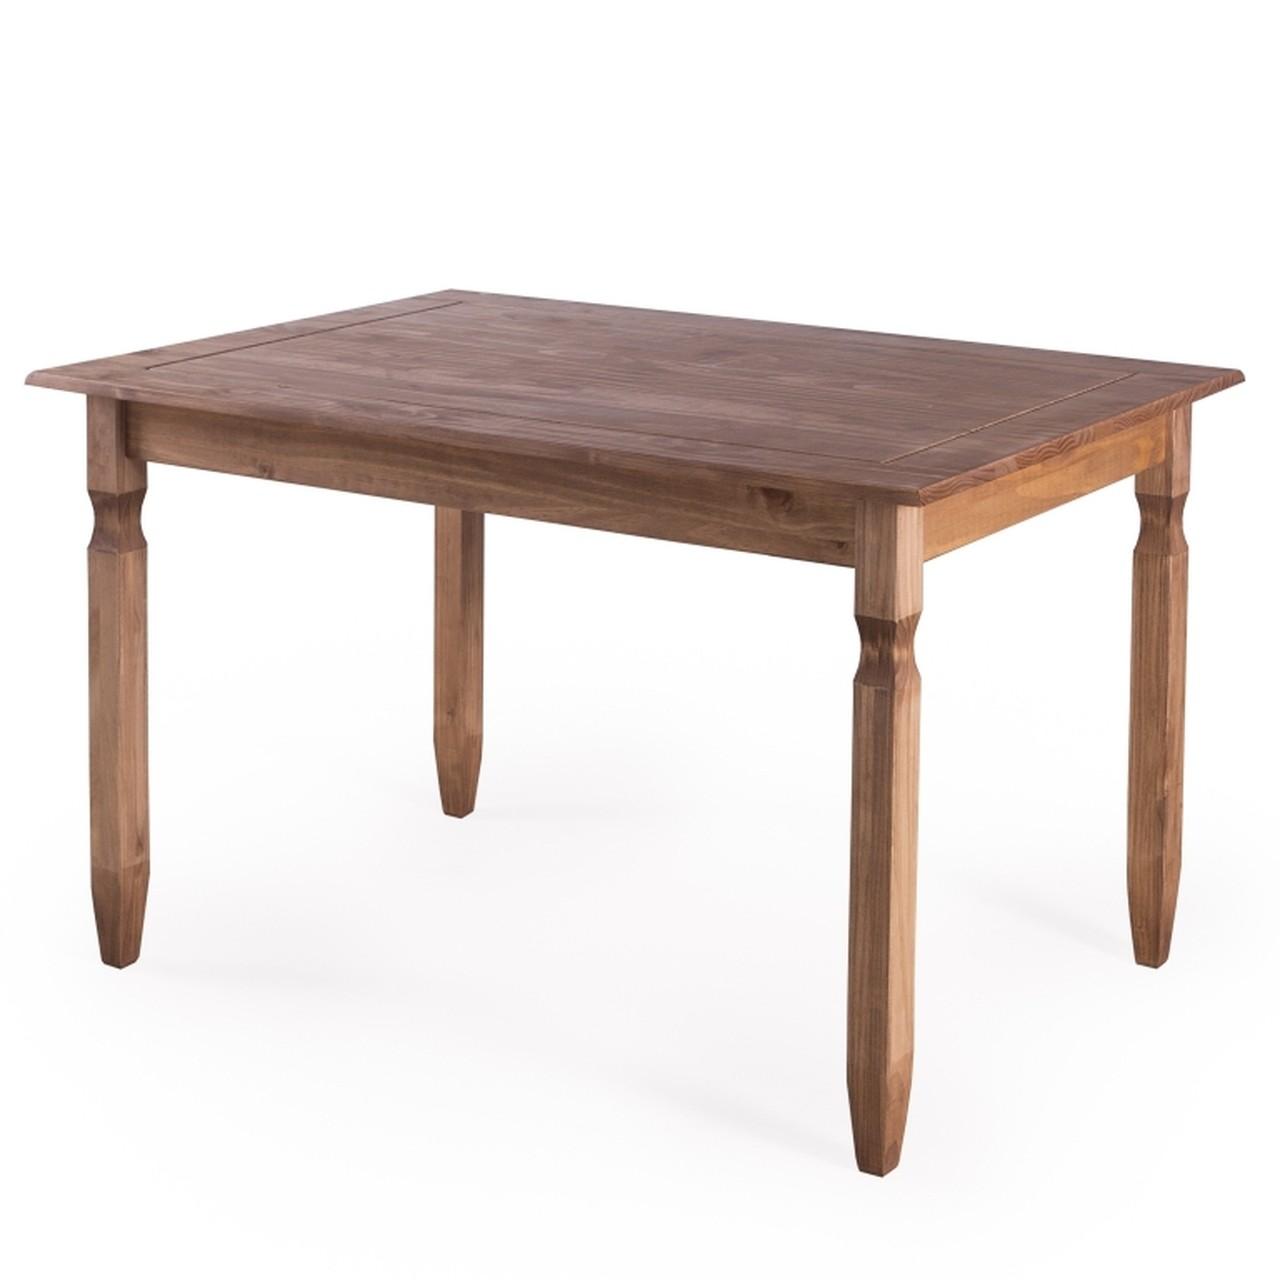 Mesa de Jantar Rustica - Denk 120x80